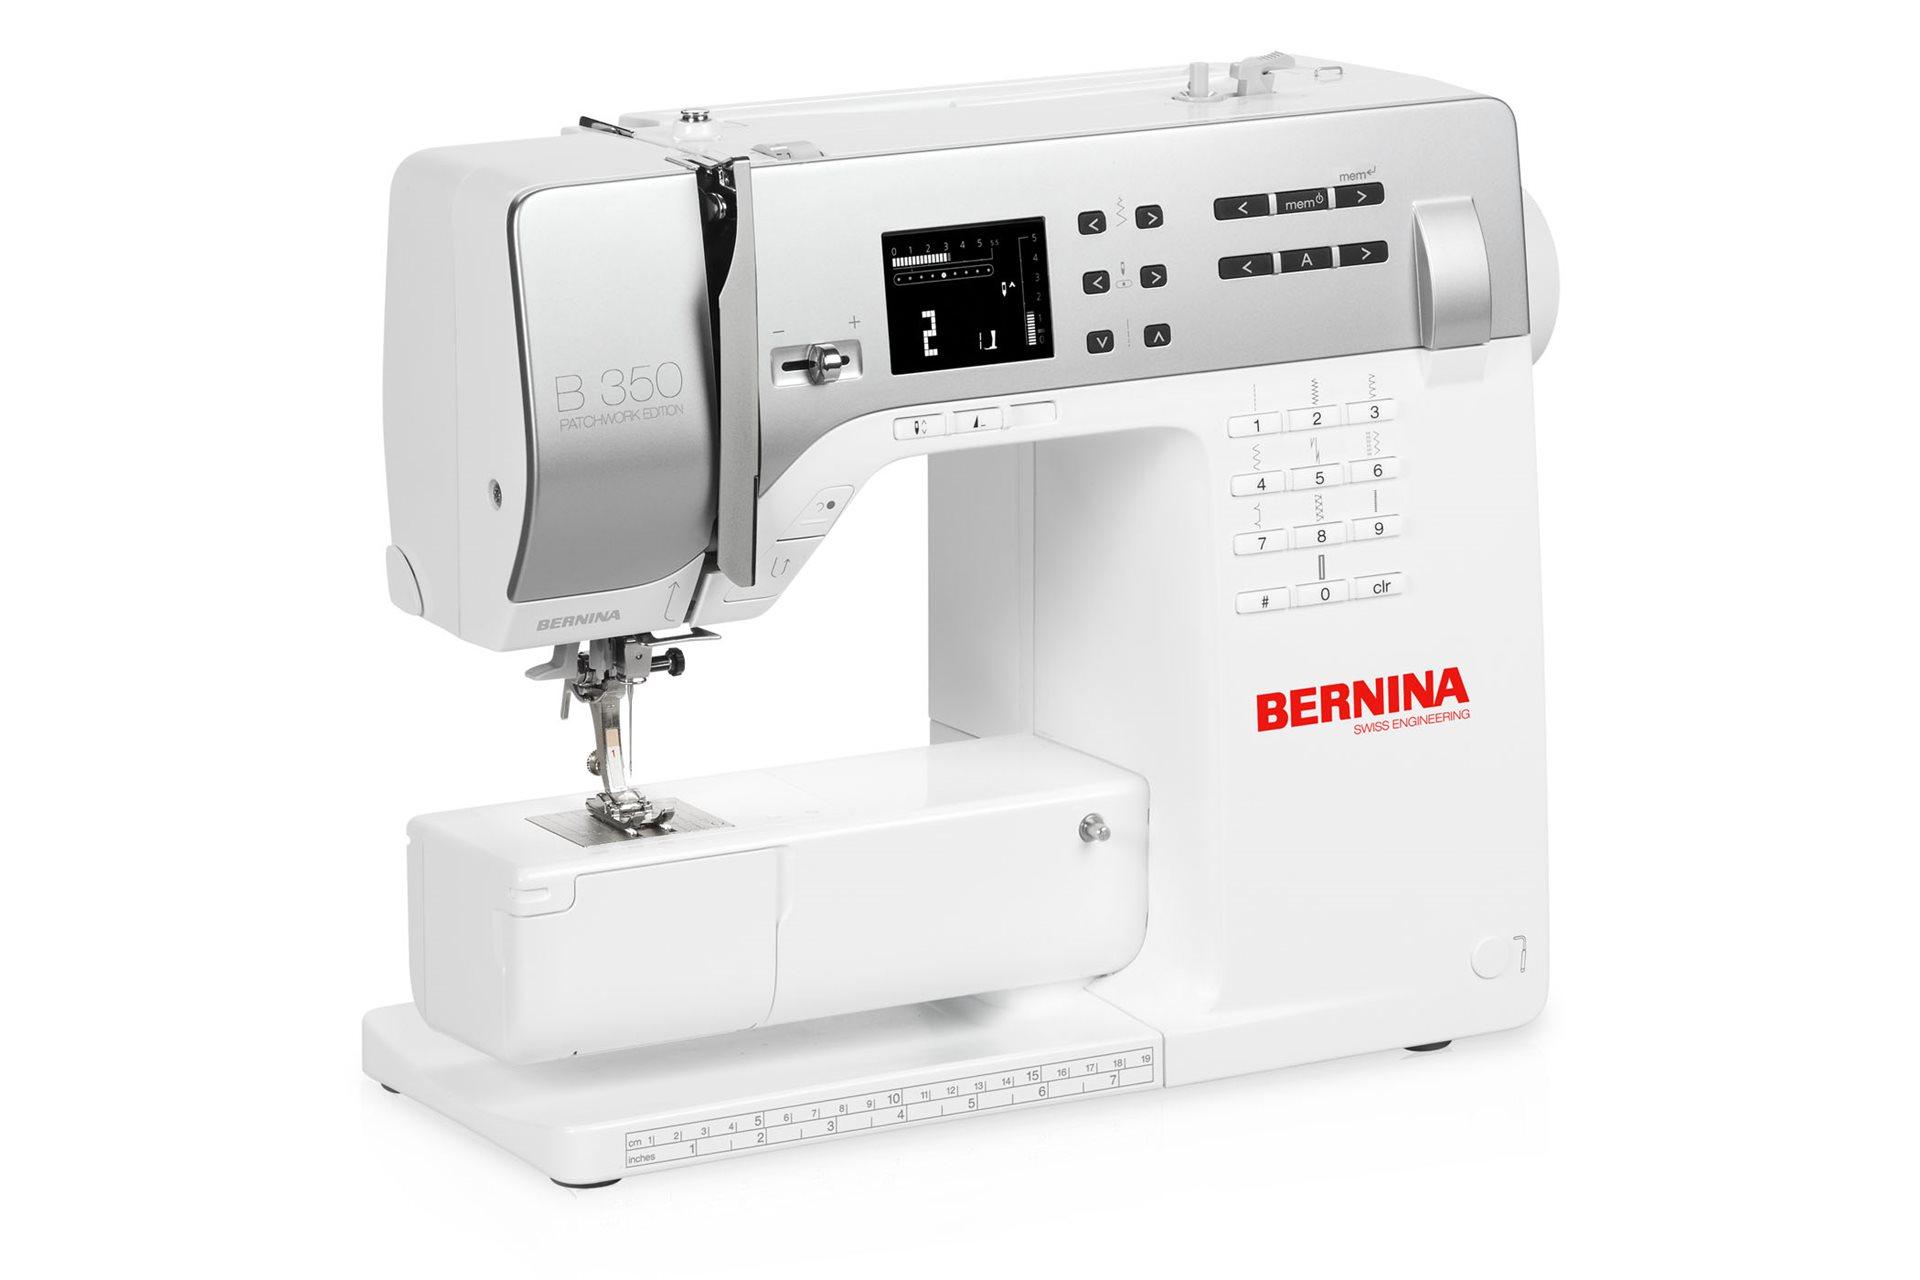 Bernina 350 Pe Support Bernina